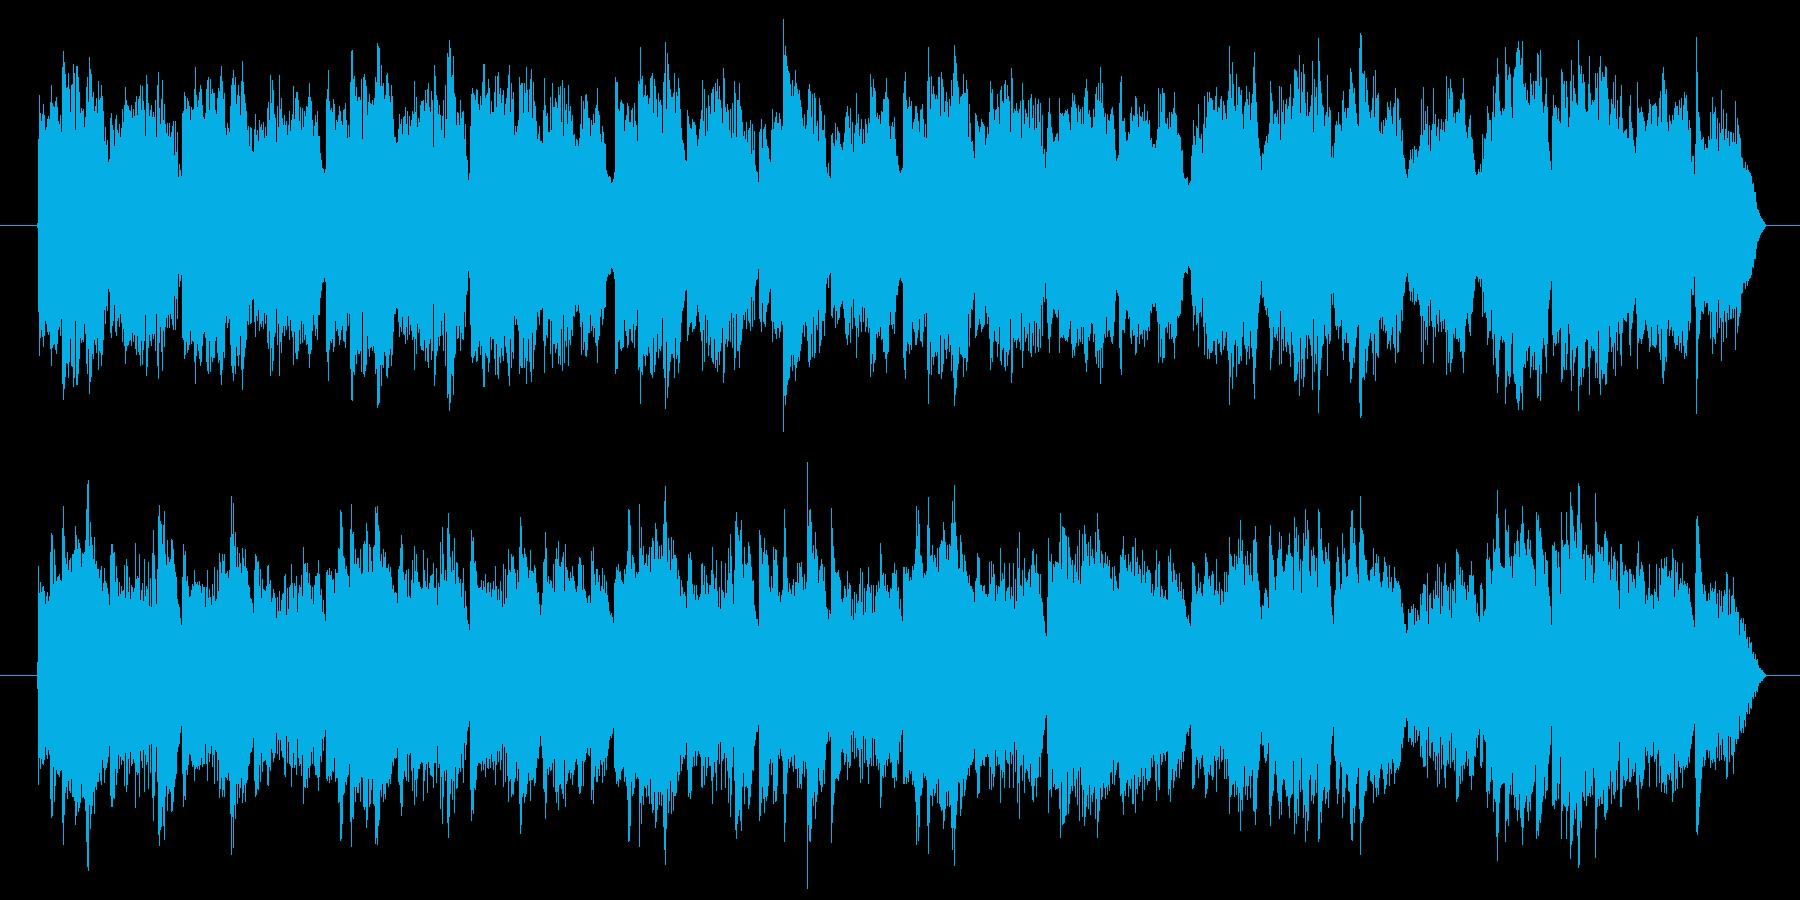 様々な用途に使える優雅なピアノソロ曲の再生済みの波形